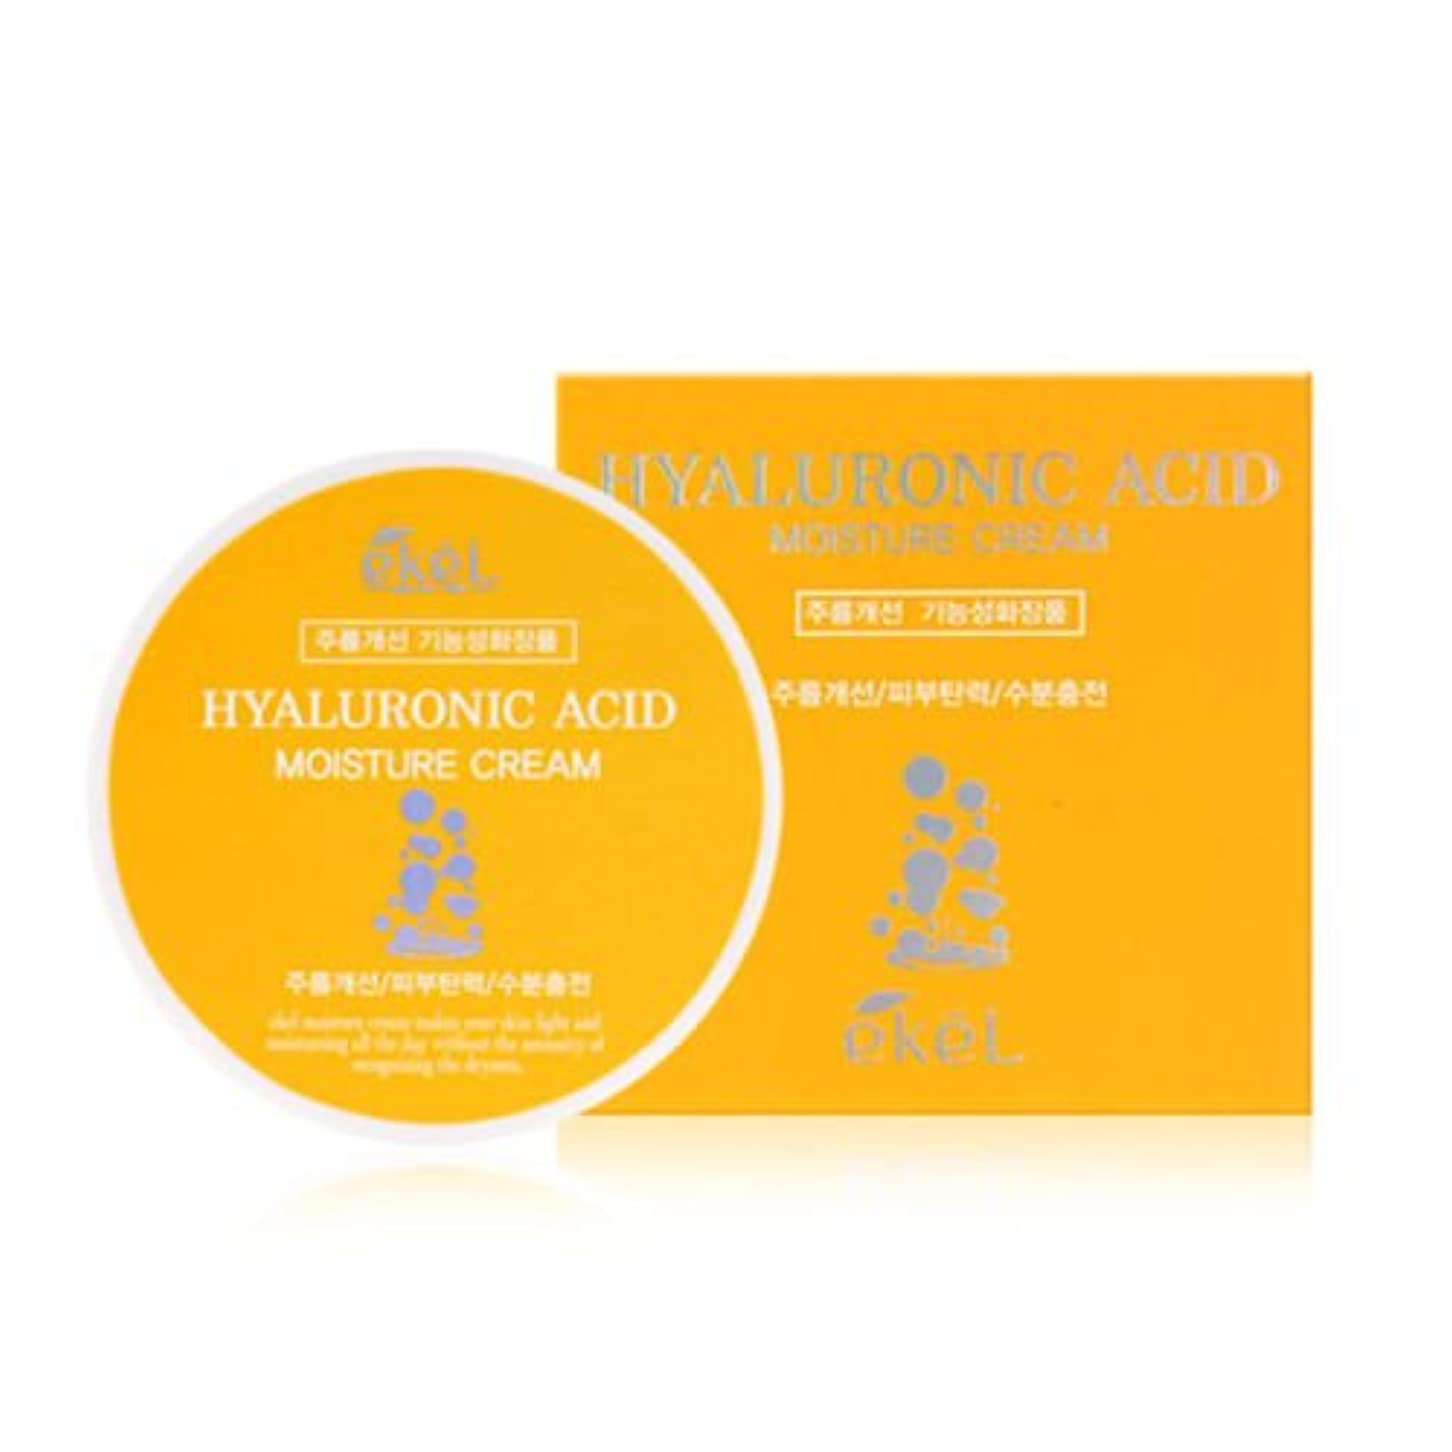 元に戻す正当な円周イケル[韓国コスメEkel]Hyaluronic acid Moisture Cream ヒアルロン酸モイスチャークリーム100g [並行輸入品]